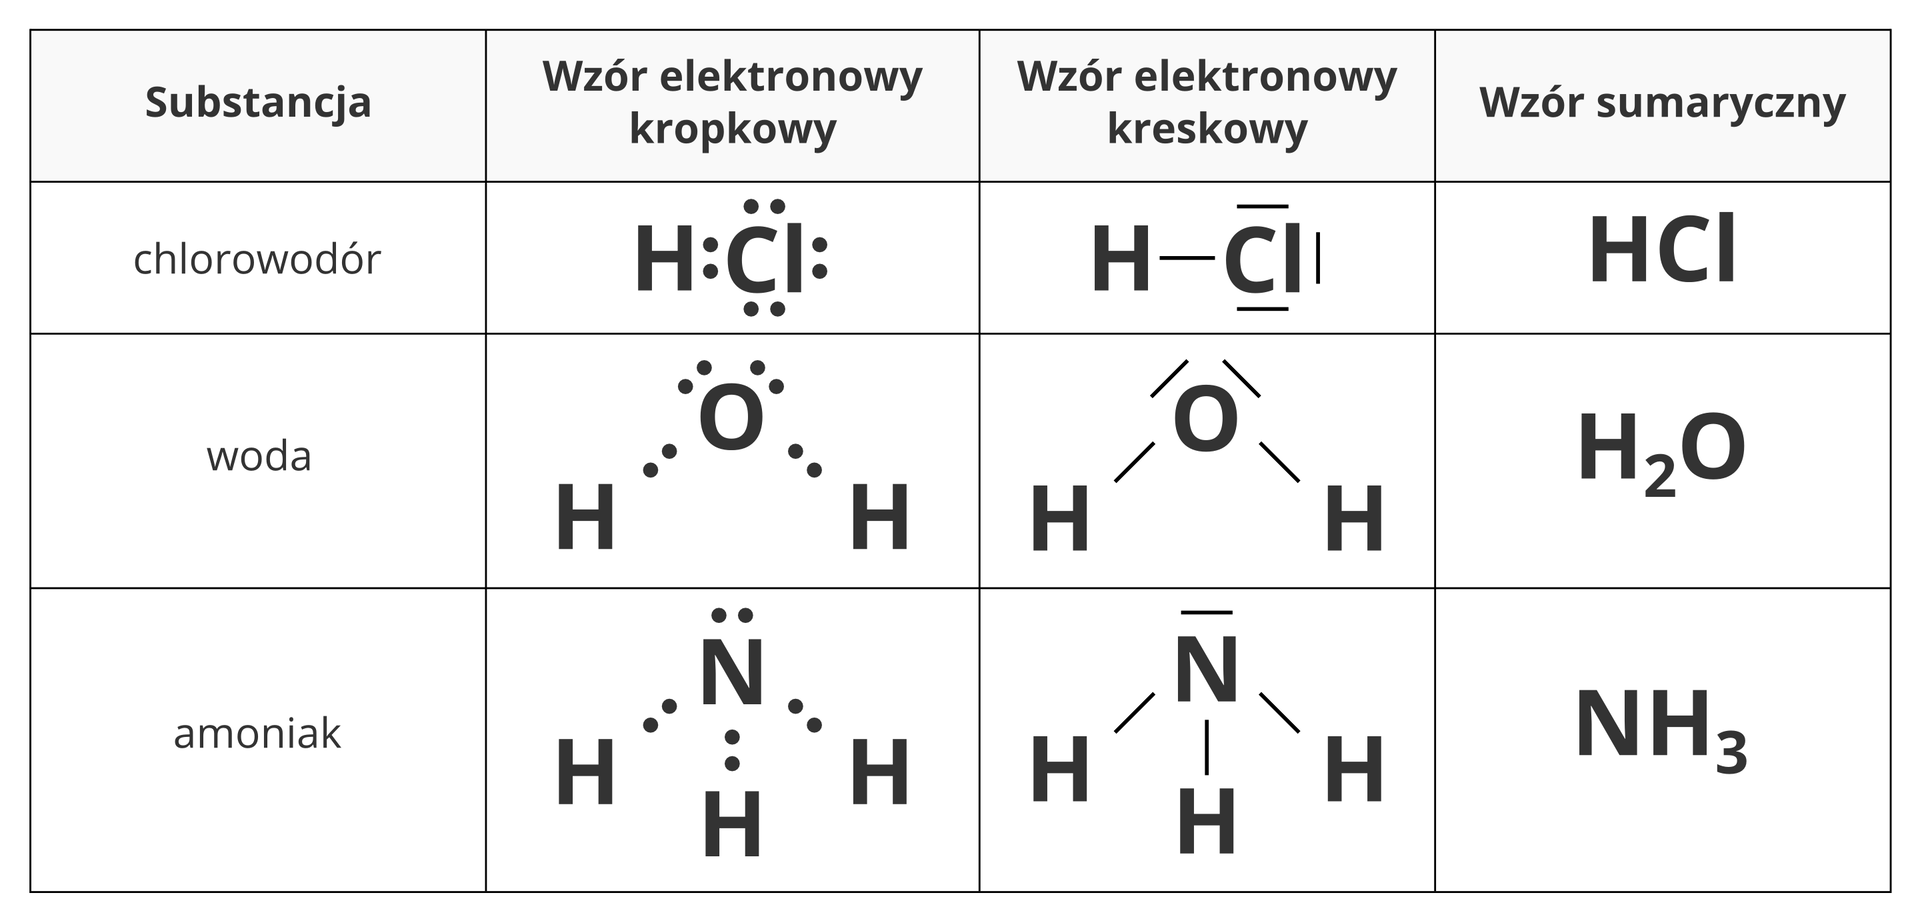 Ilustracja przedstawia tabelę zestawiającą sposoby zapisu wzoru trzech związków chemicznych owiązaniach spolaryzowanych. Licząc od lewej strony kolejno wyszczególniane wtabeli elementy to nazwa substancji, jej wzór elektronowy kropkowy, wzór elektronowy kreskowy, oraz wzór sumaryczny. Pierwszy zprezentowanych związków to chlorowodór owzorze HCl, wktórym wodór zchlorem łączy się za pomocą jednej pary elektronowej. Drugi związek to zwykła woda, czyli H2O. Trzeci związek to omówiony wpoprzednich akapitach amoniak owzorze HN3.